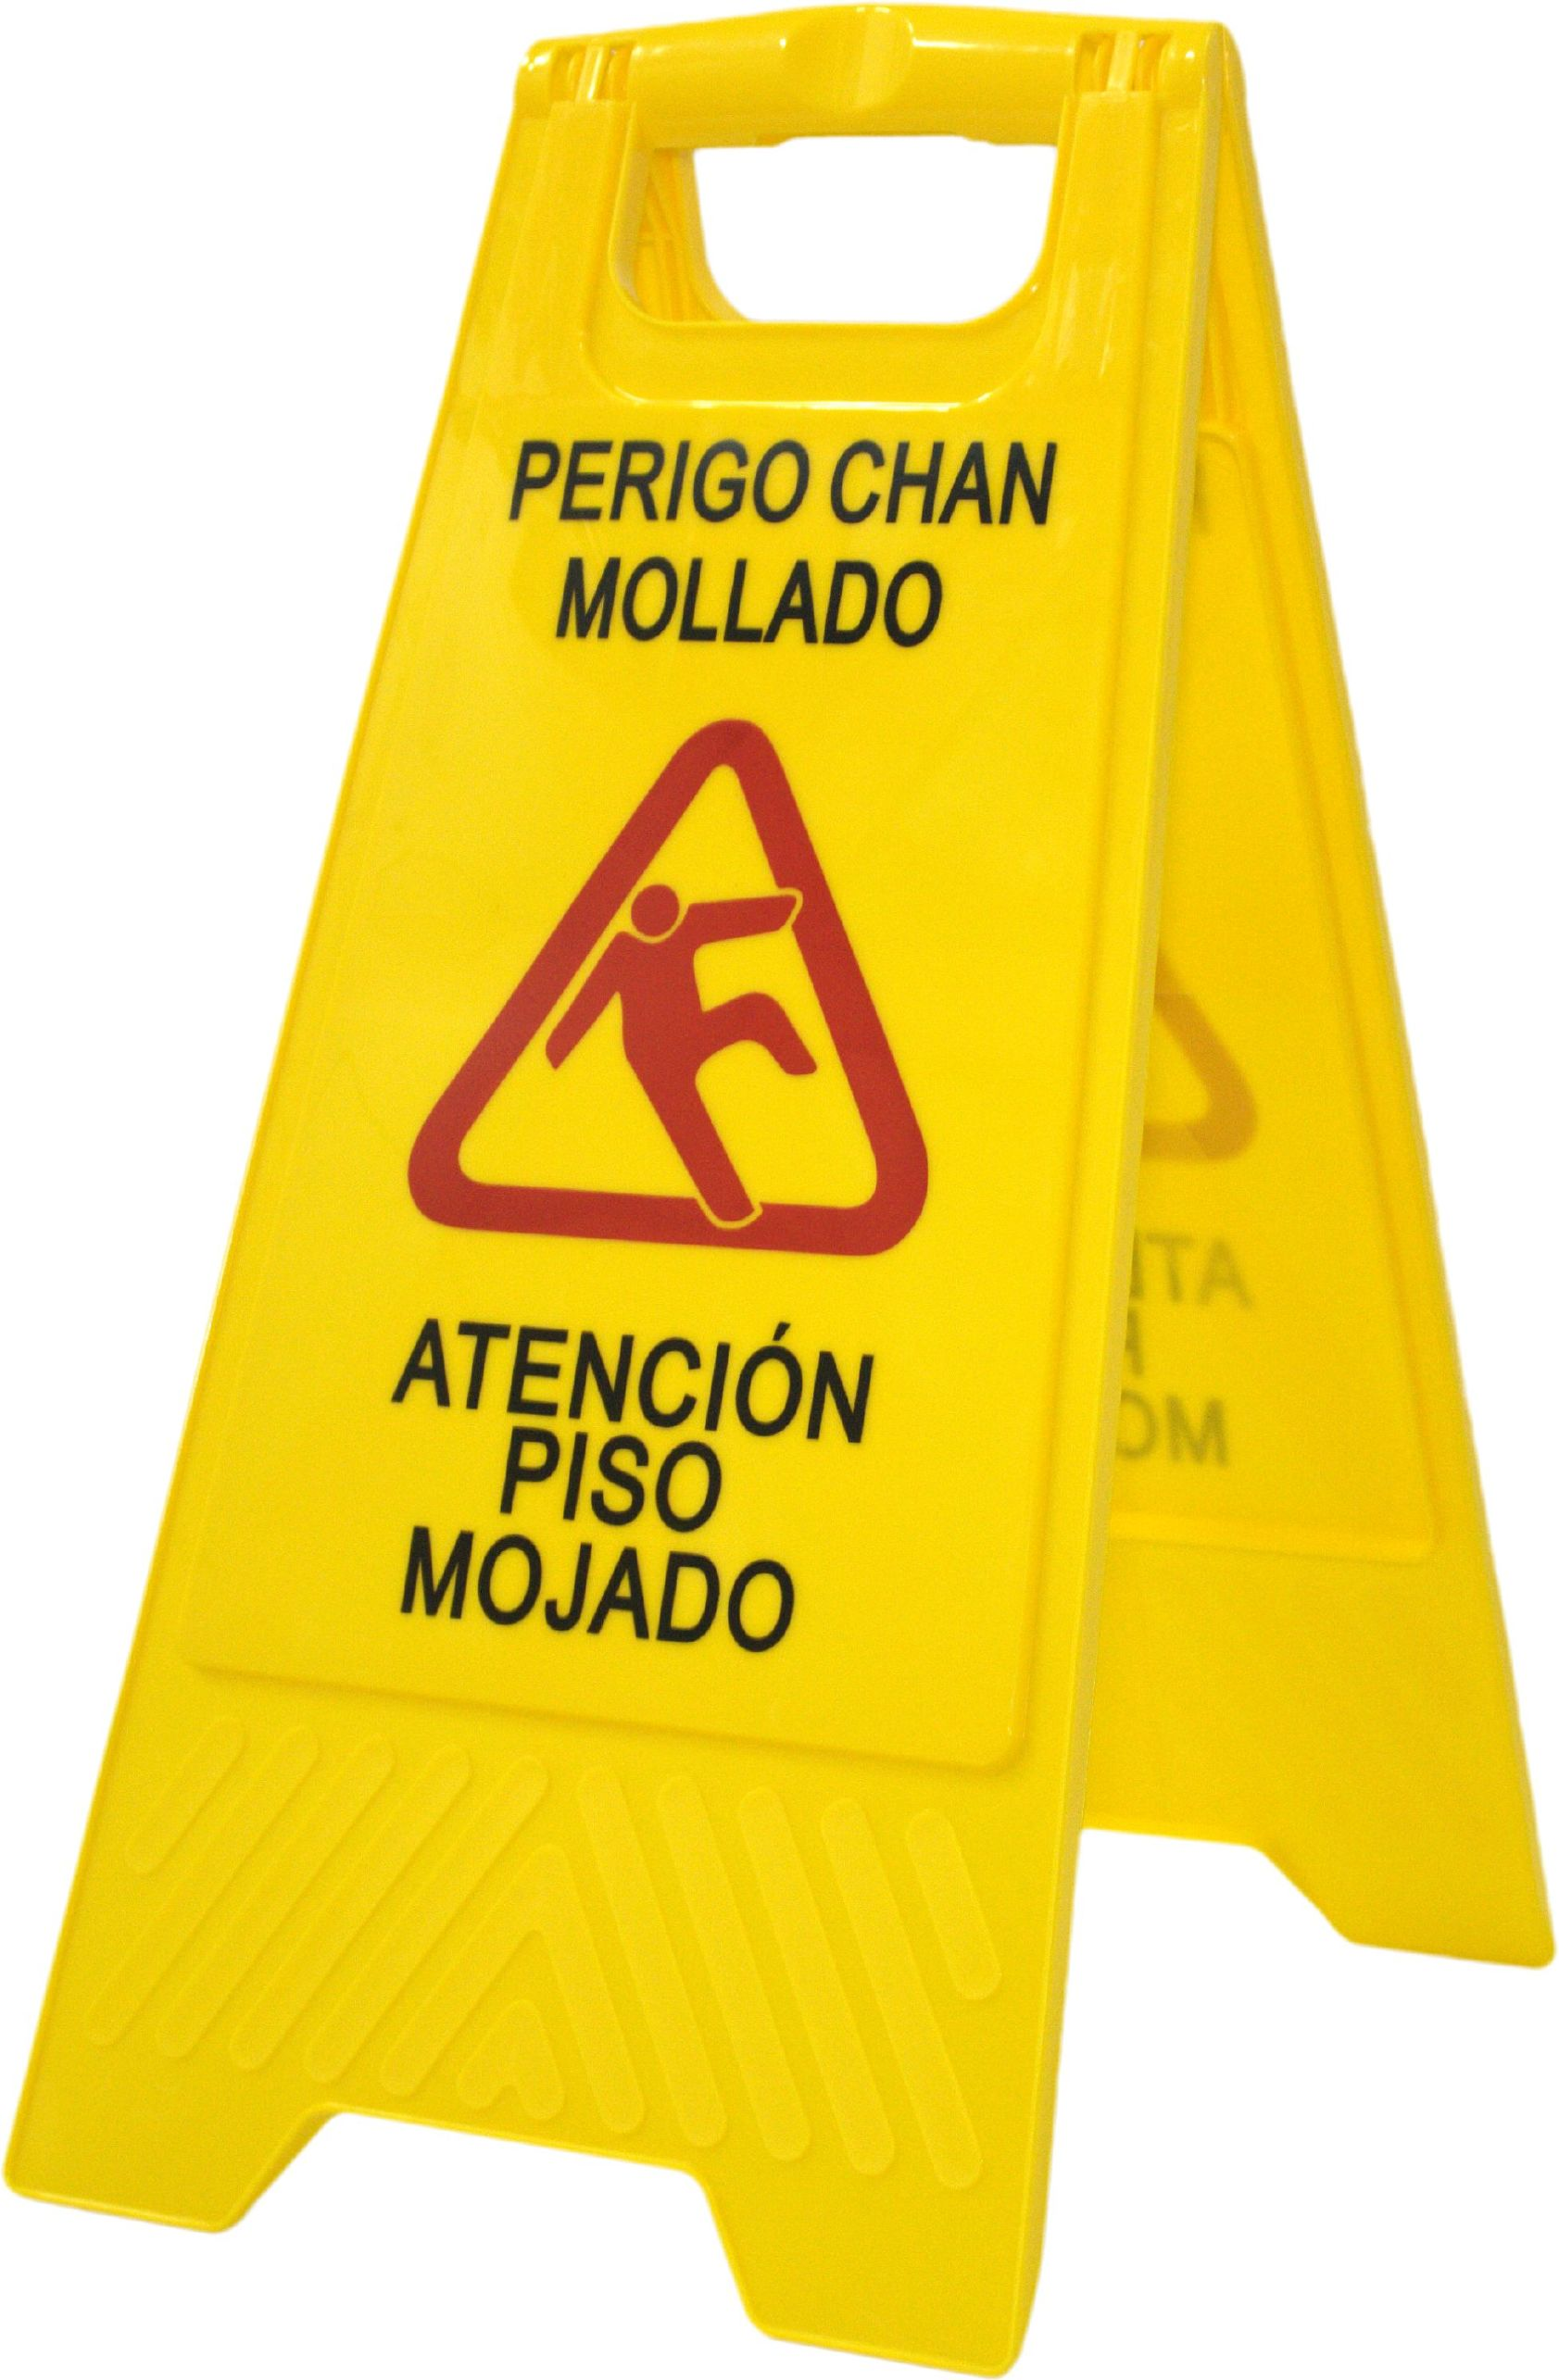 SEÑAL SUELO MOJADO (GALLEGO-CASTELLANO)